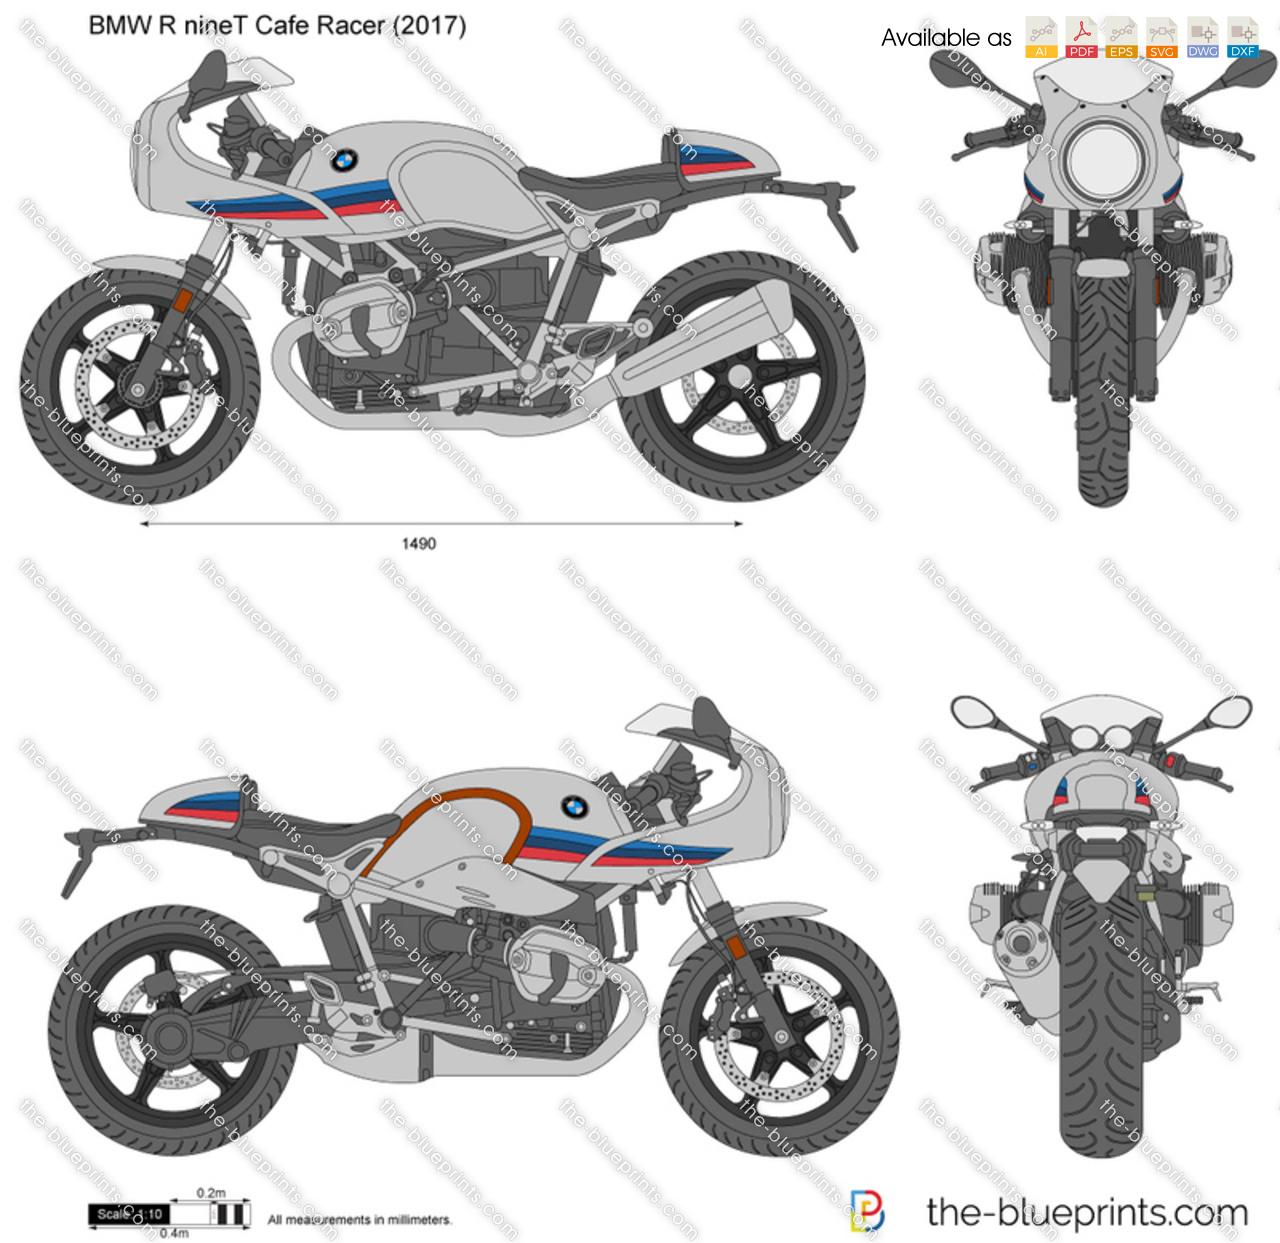 Bmw r ninet cafe racer vector drawing bmw r ninet cafe racer malvernweather Images